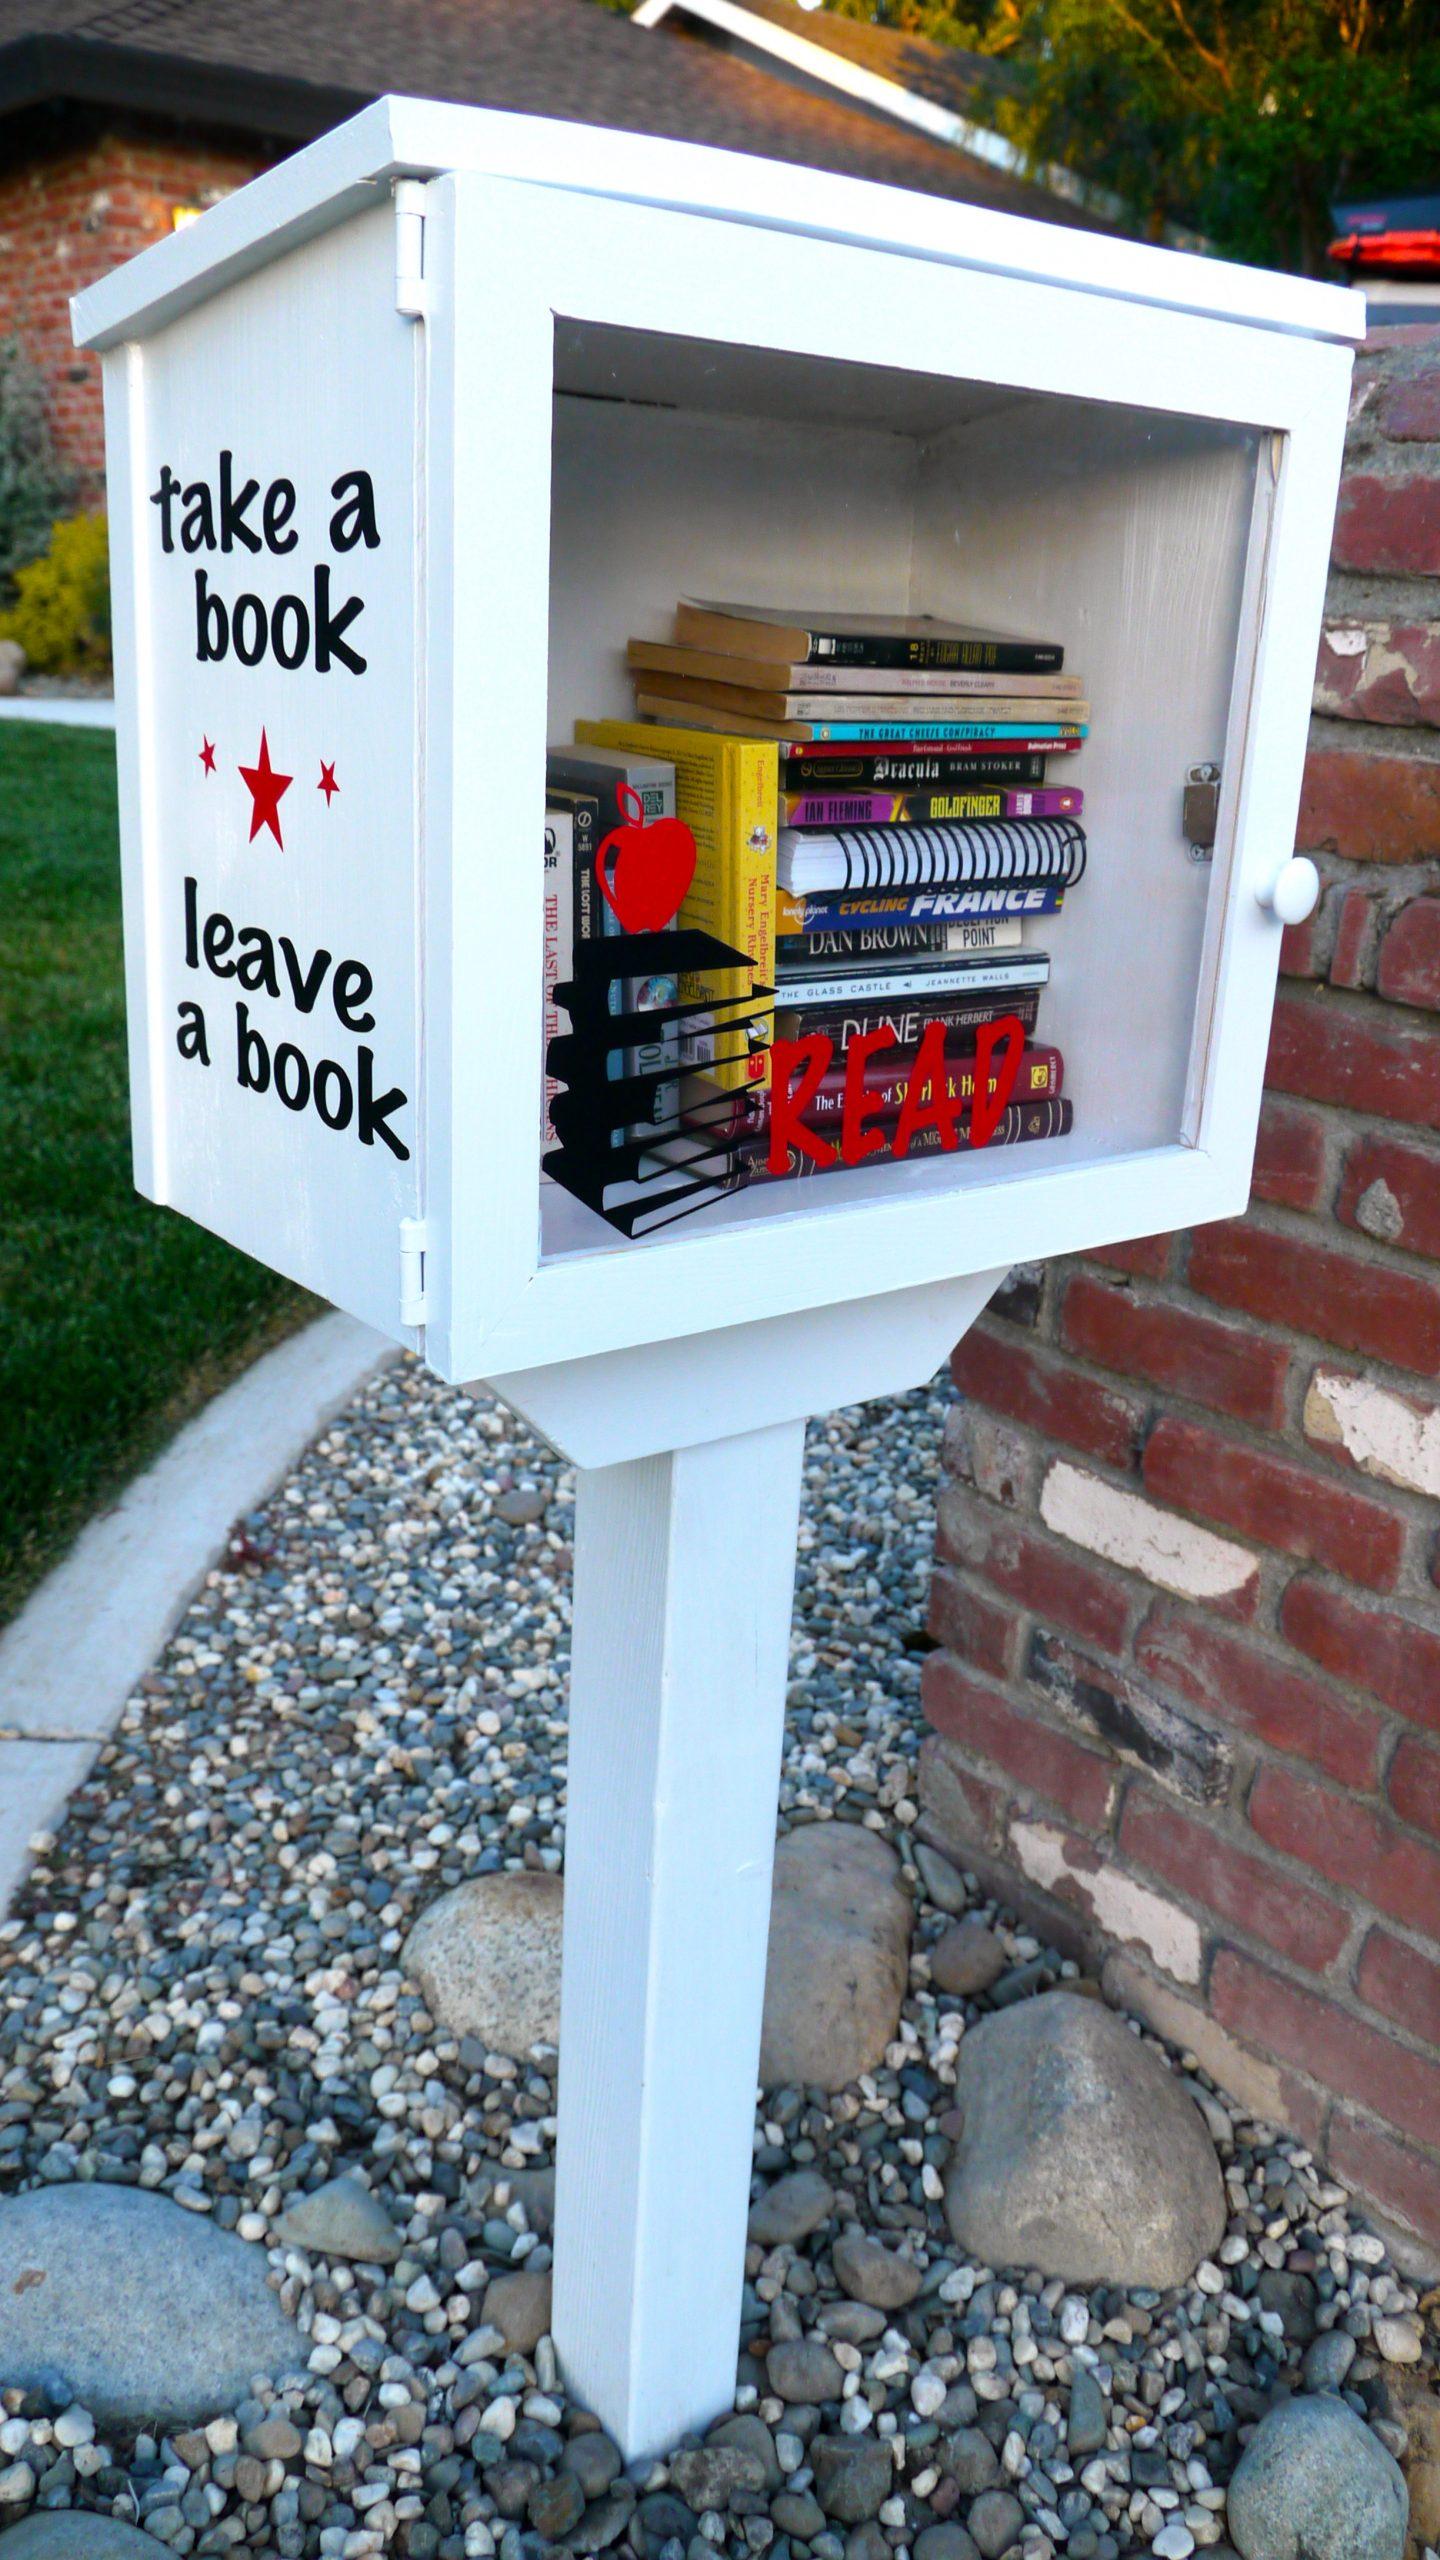 1 ლარი – 1 წიგნი და პატარა სახლი